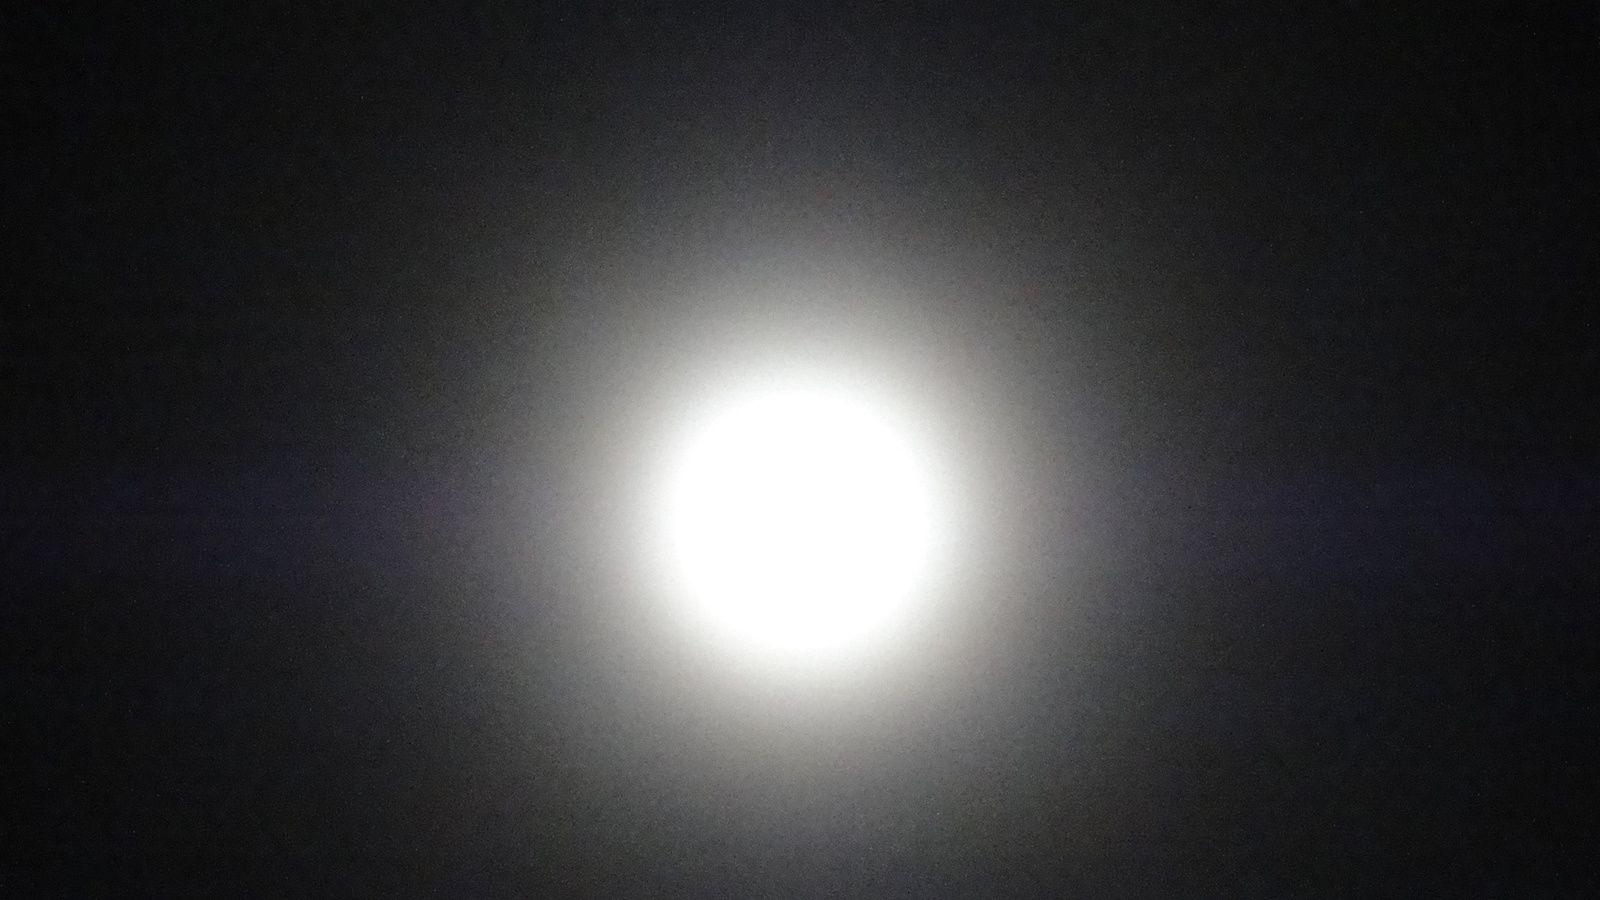 La lune photgraphiée le 25 Décembre 2015.